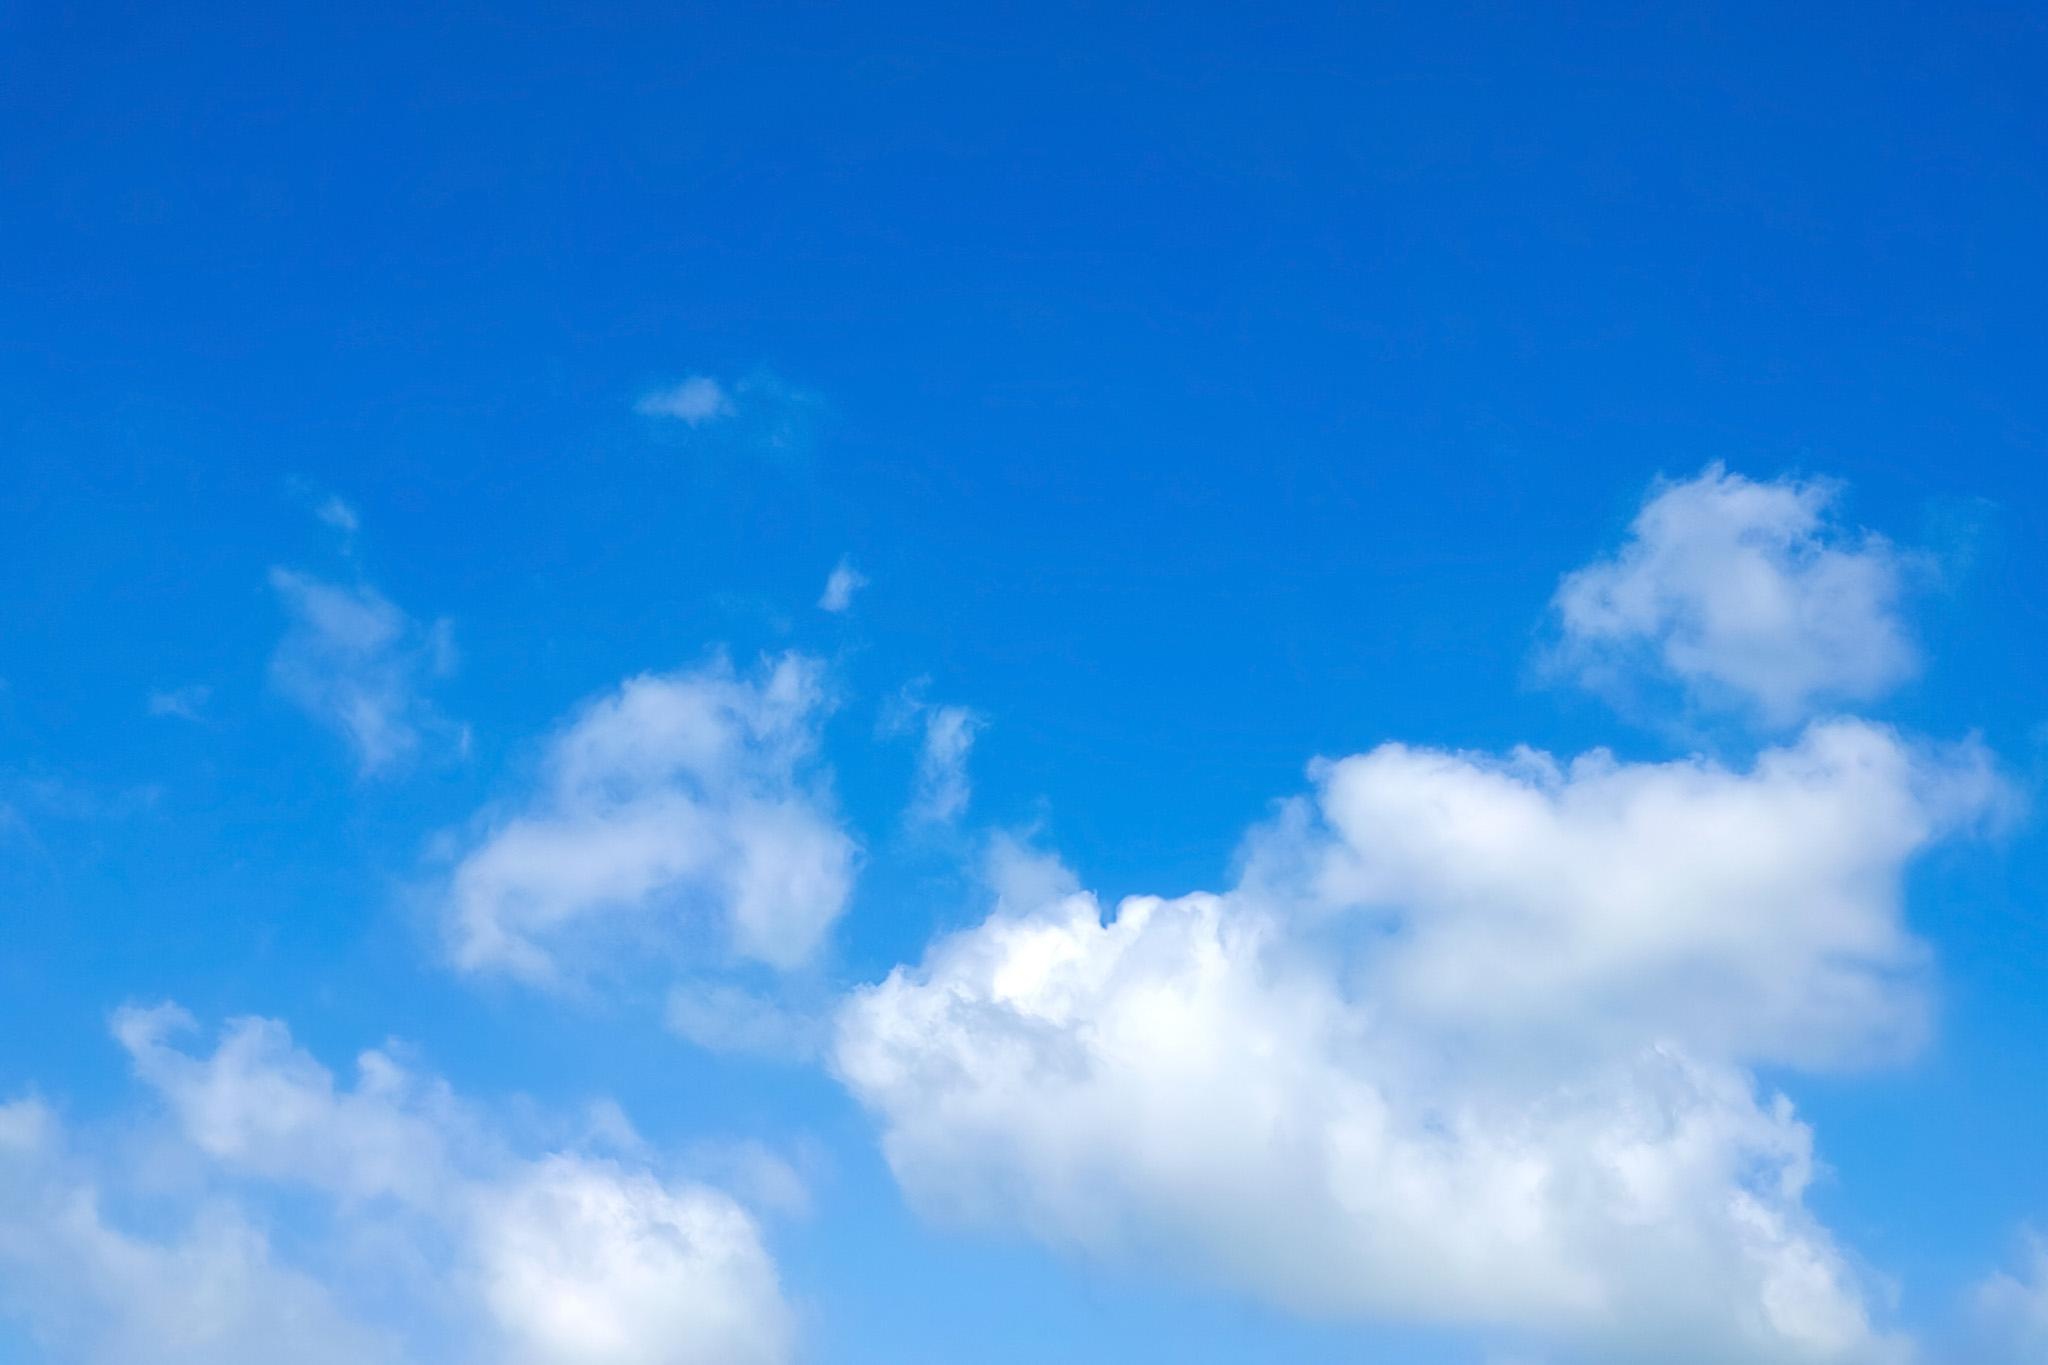 「日差しに輝く雲と青空」の素材を無料ダウンロード